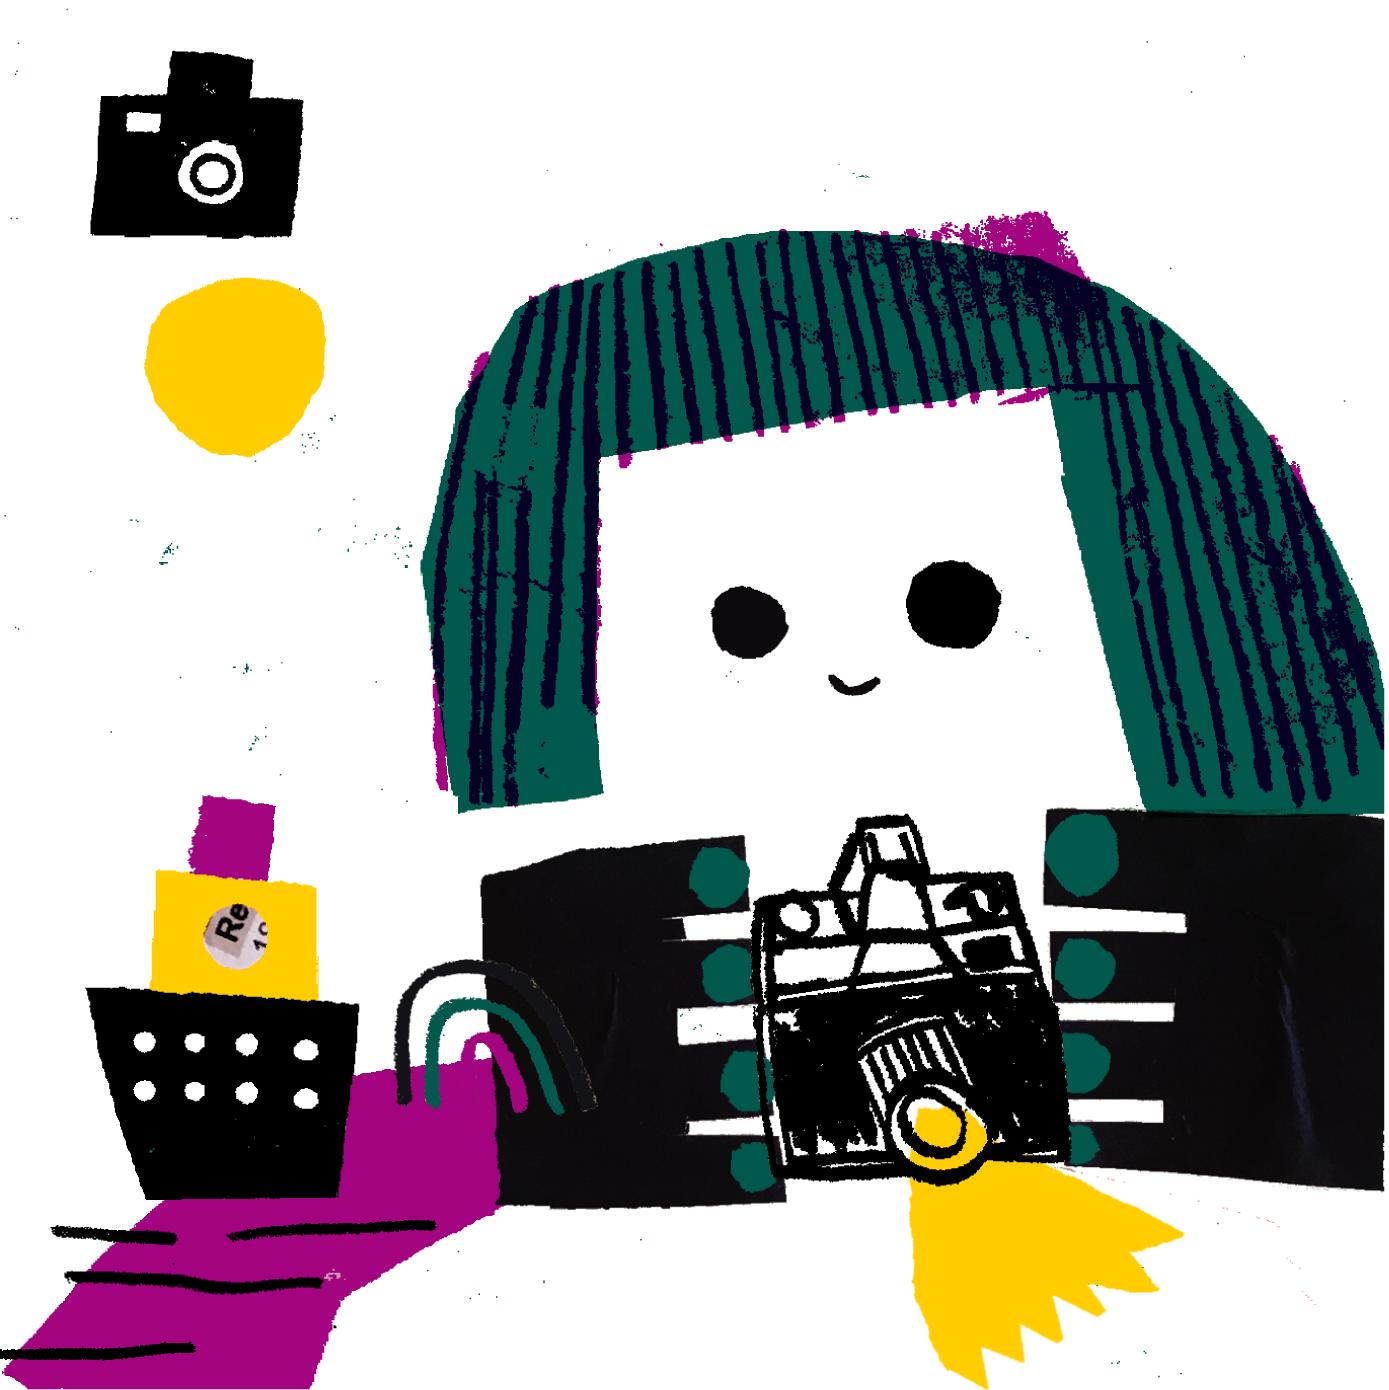 Ilustração com uma menina com máquina fotográfica  feita com lápis e rabiscos a imitar papel de lustro